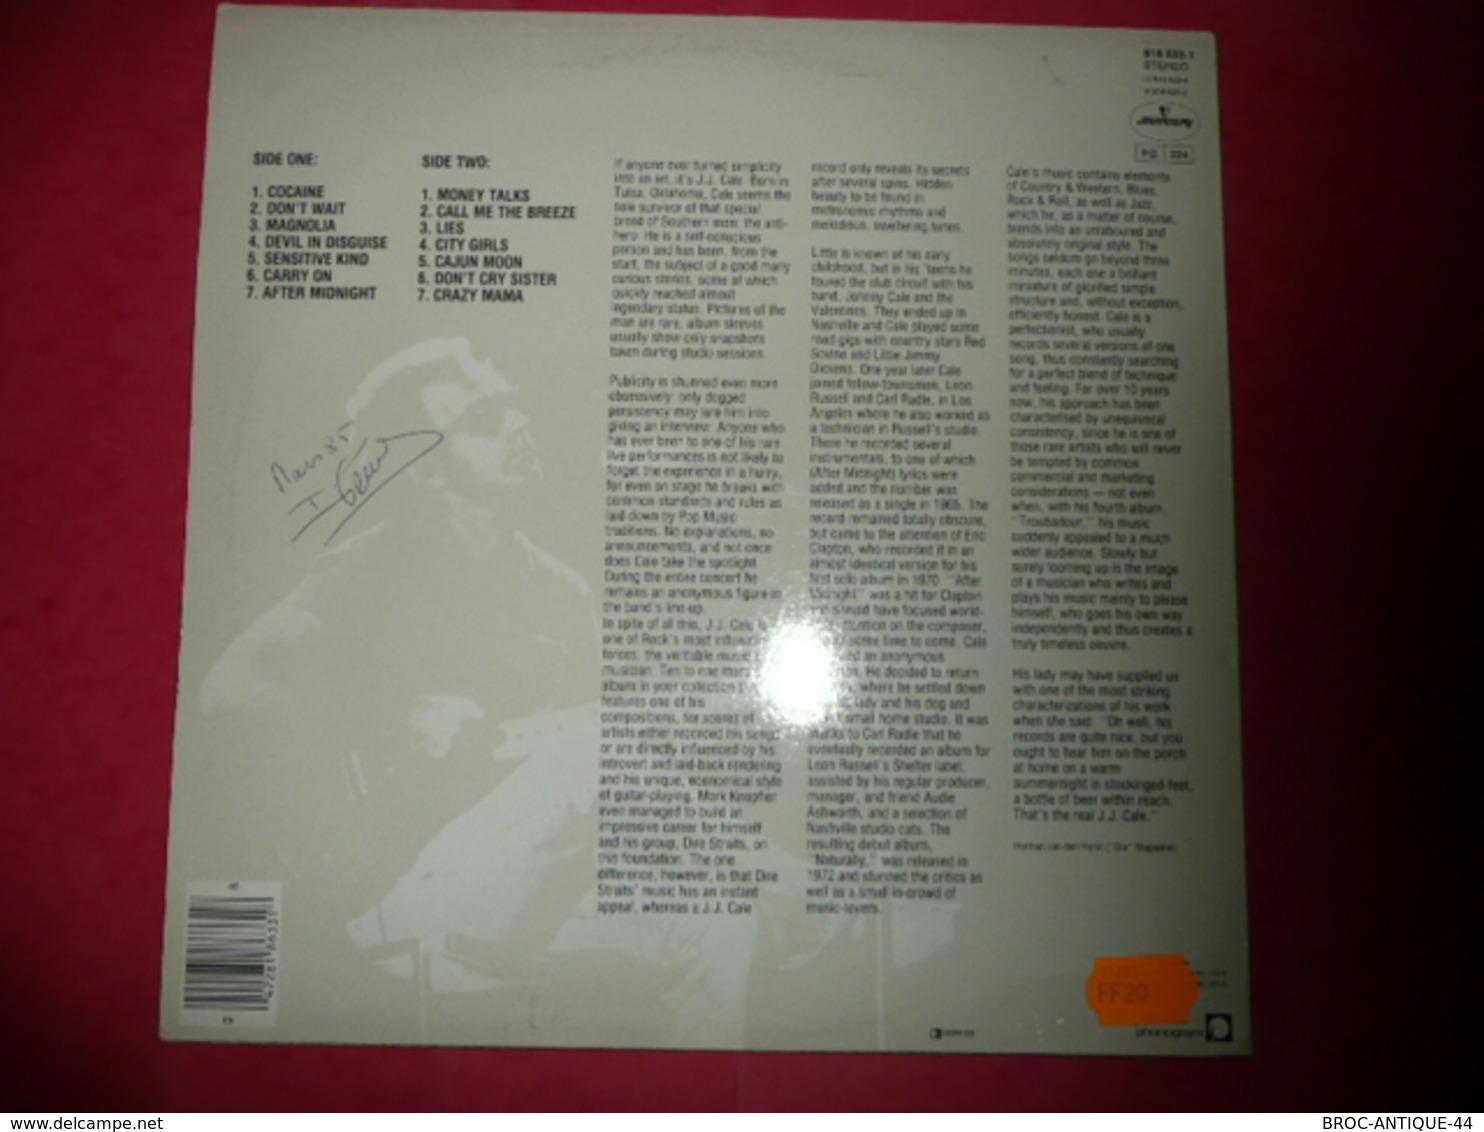 LP33 N°1083 - J.J. CALE - SPECIAL EDITION - COMPILATION 14 TITRES ROCK BLUES -OCCASION IL PASSE MAIS A UN BUG OU UN PAIN - Disco, Pop